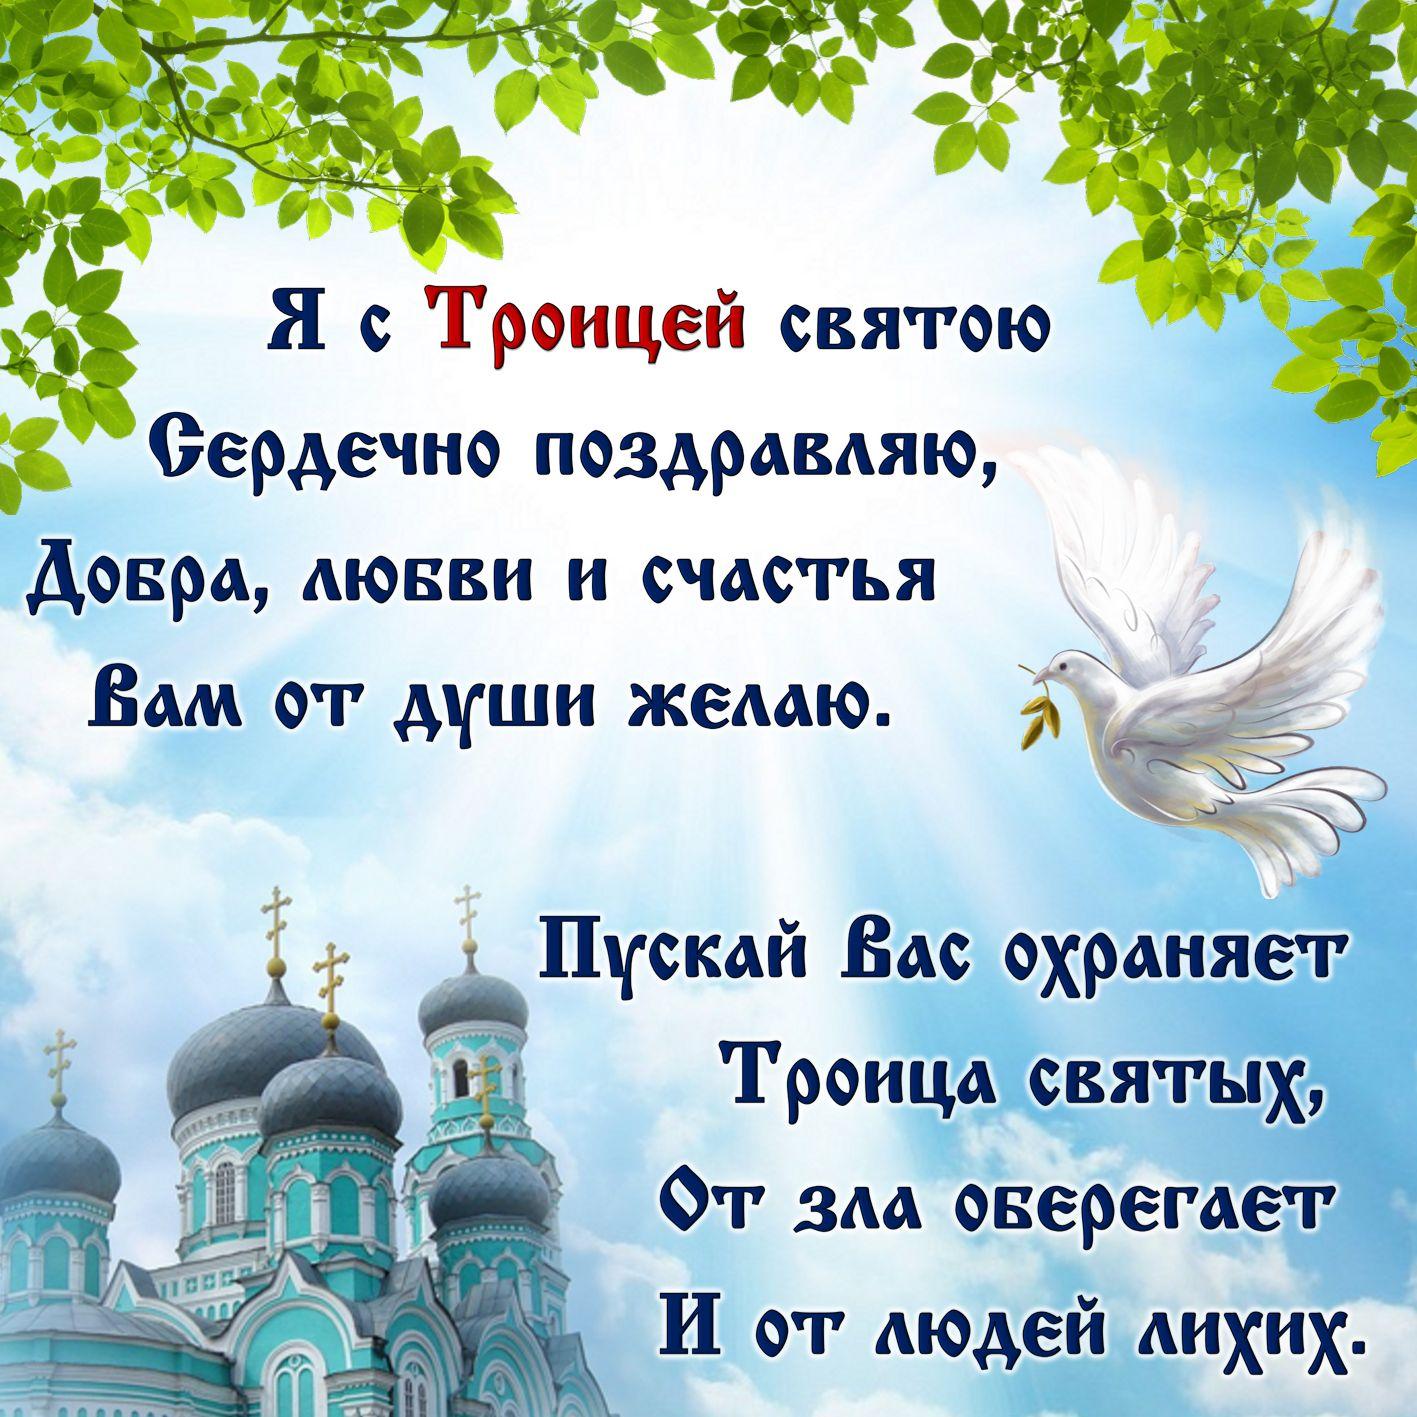 Поздравление на День Святой Троицы